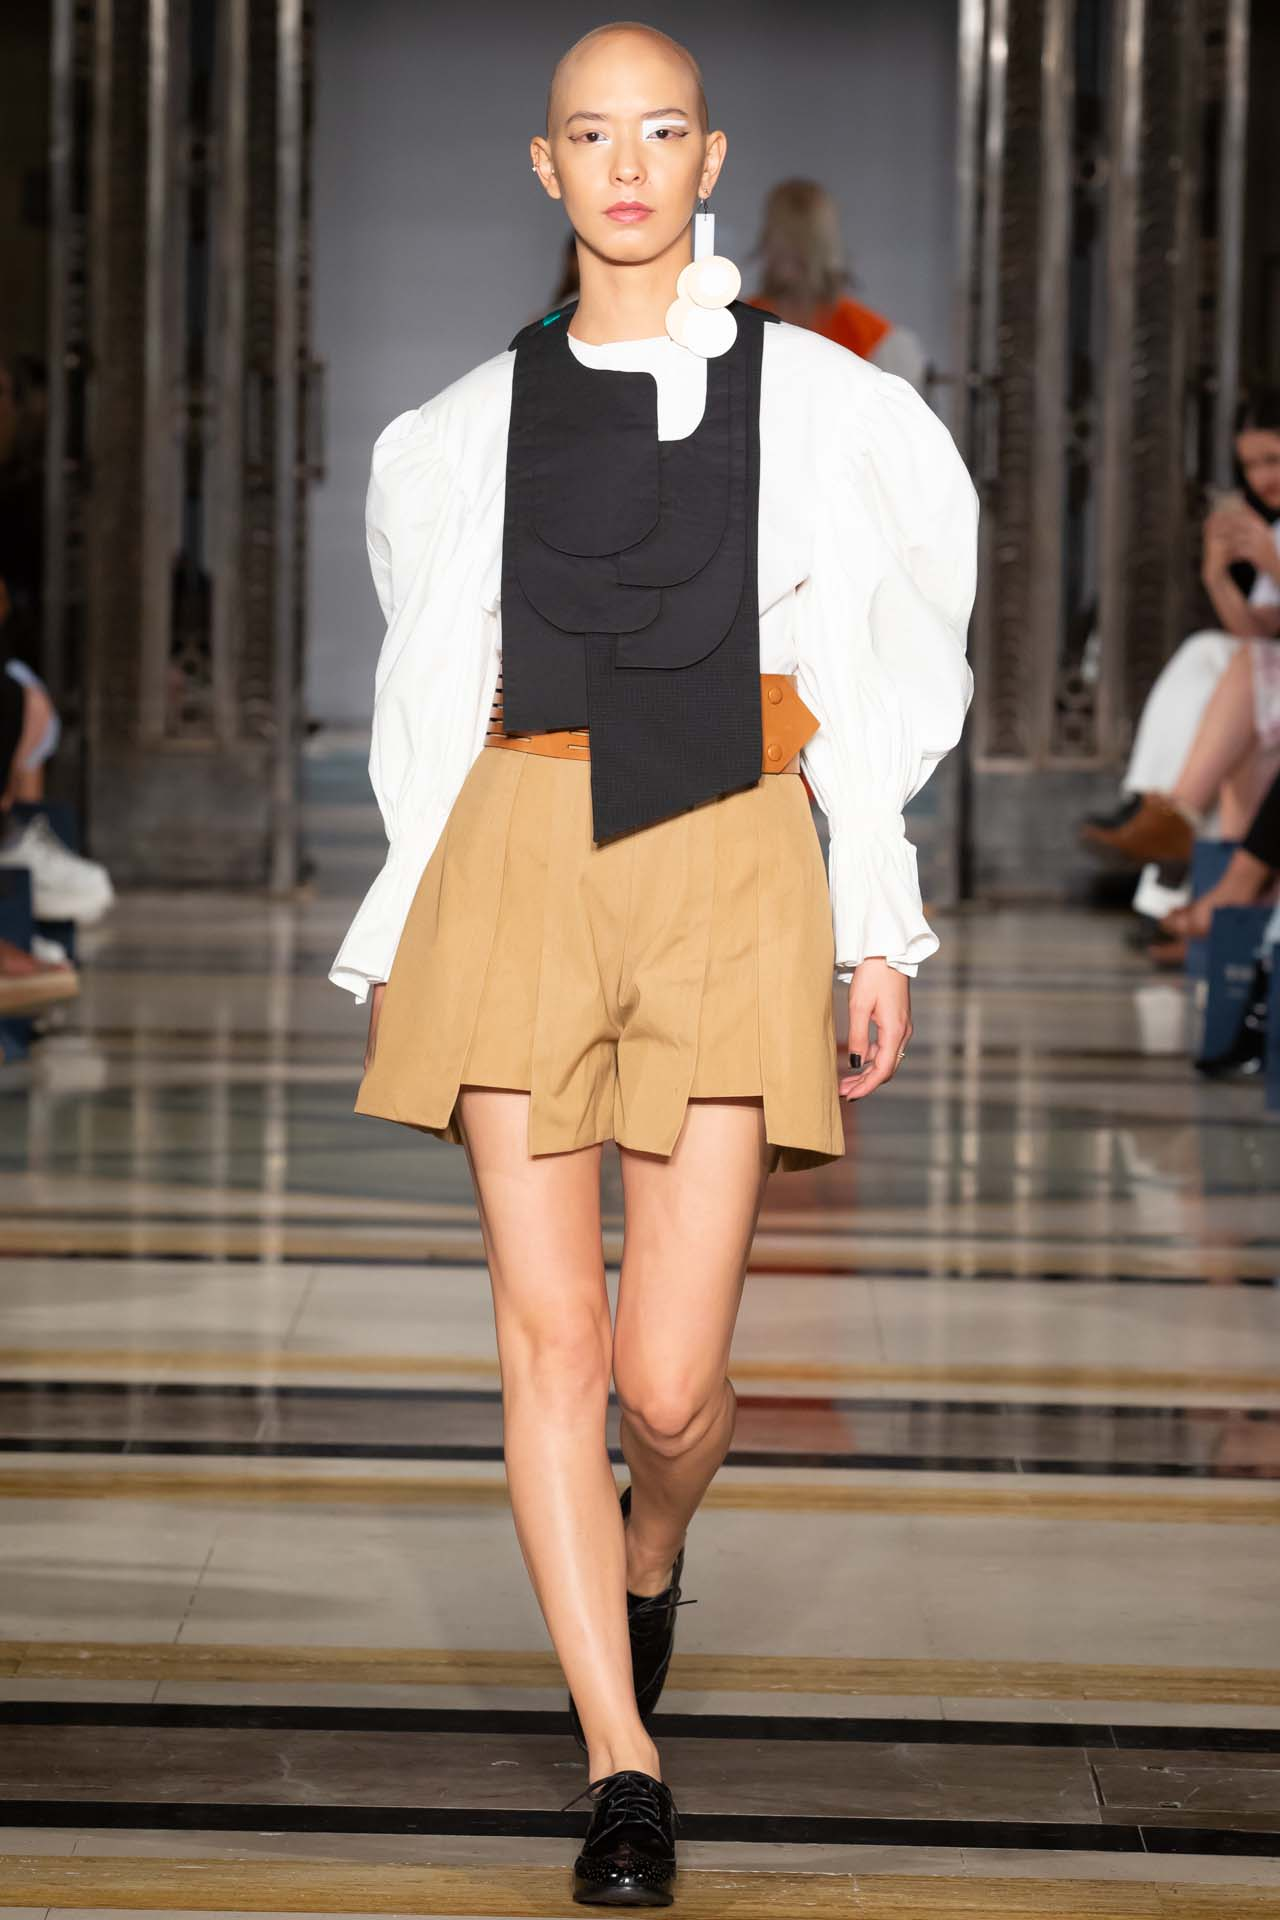 A jane lfw fashion scout (16)